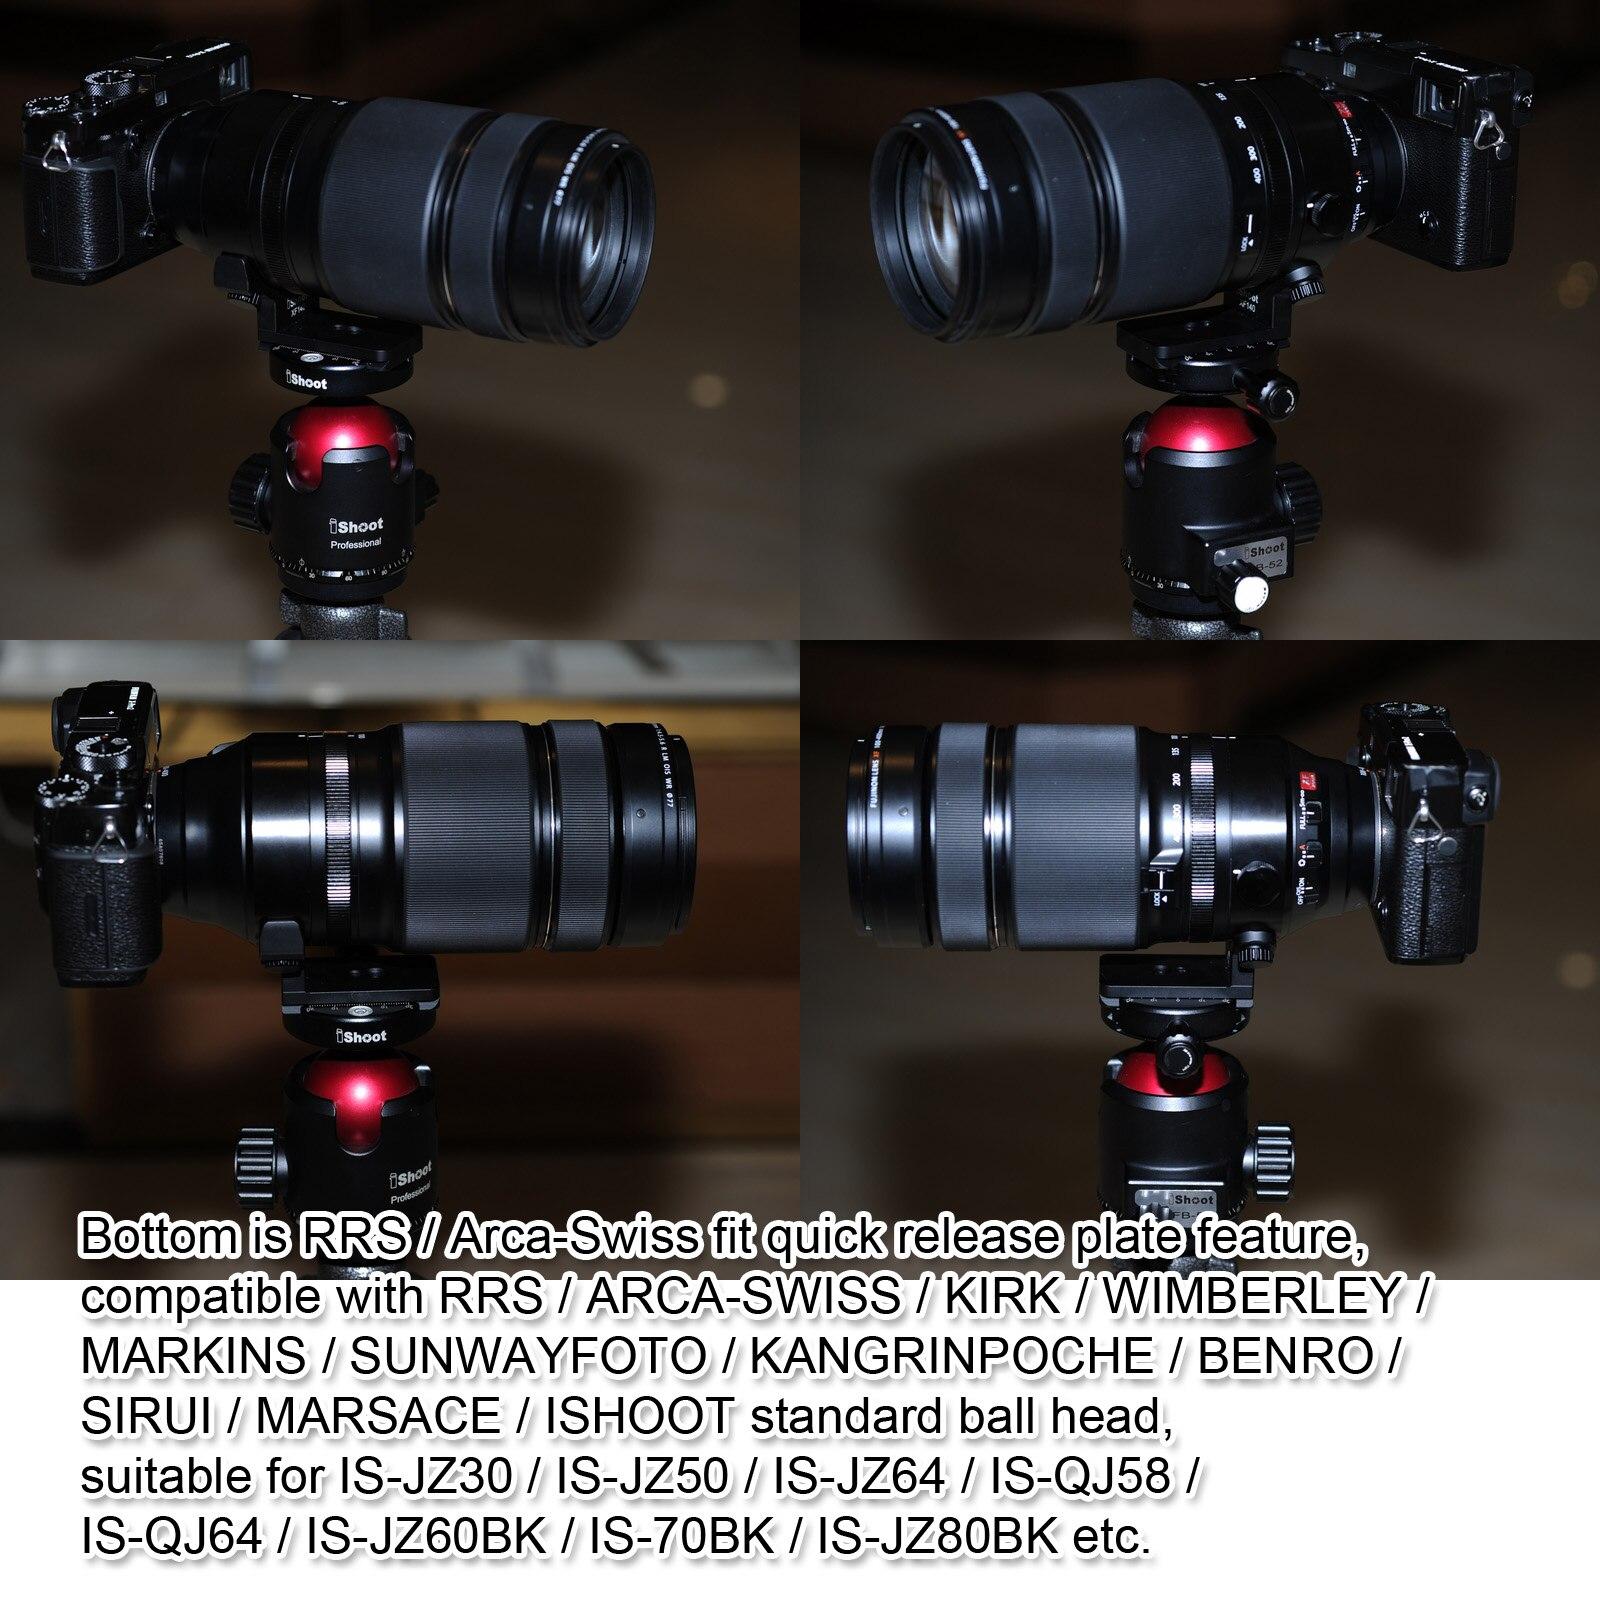 Info Harga Fujifilm Fujinon Xf 56mm F12r Apd Hitam Update 2018 Xf56mm F 12 R Jual Murah 100 400mm F45 56 Lm Ois